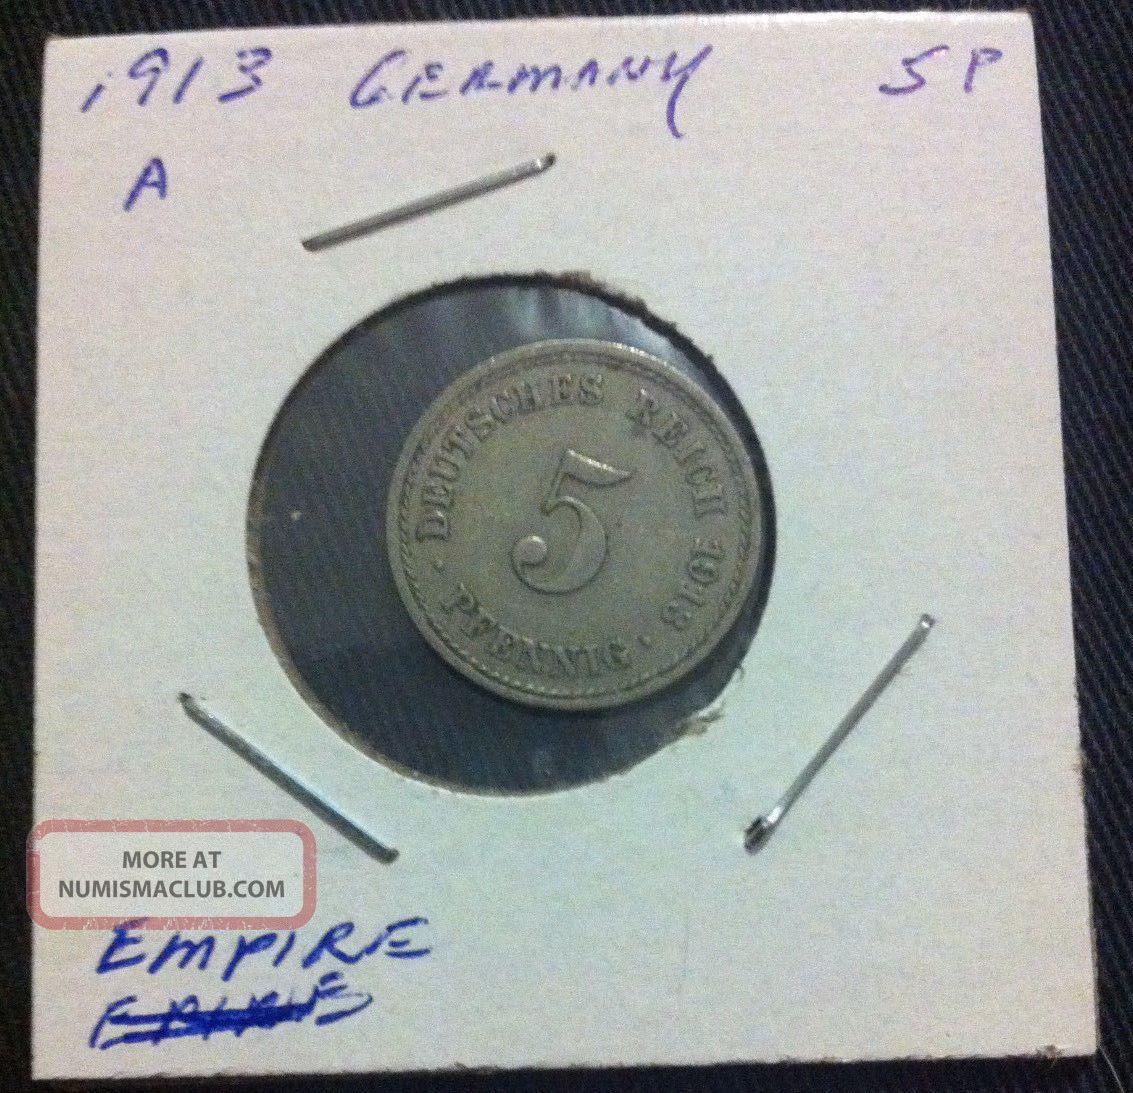 5 Pfennig - Deutsches Reich 1913 A - Old German Empire Coin Pre World War 1 Ww1 Empire (1871-1918) photo